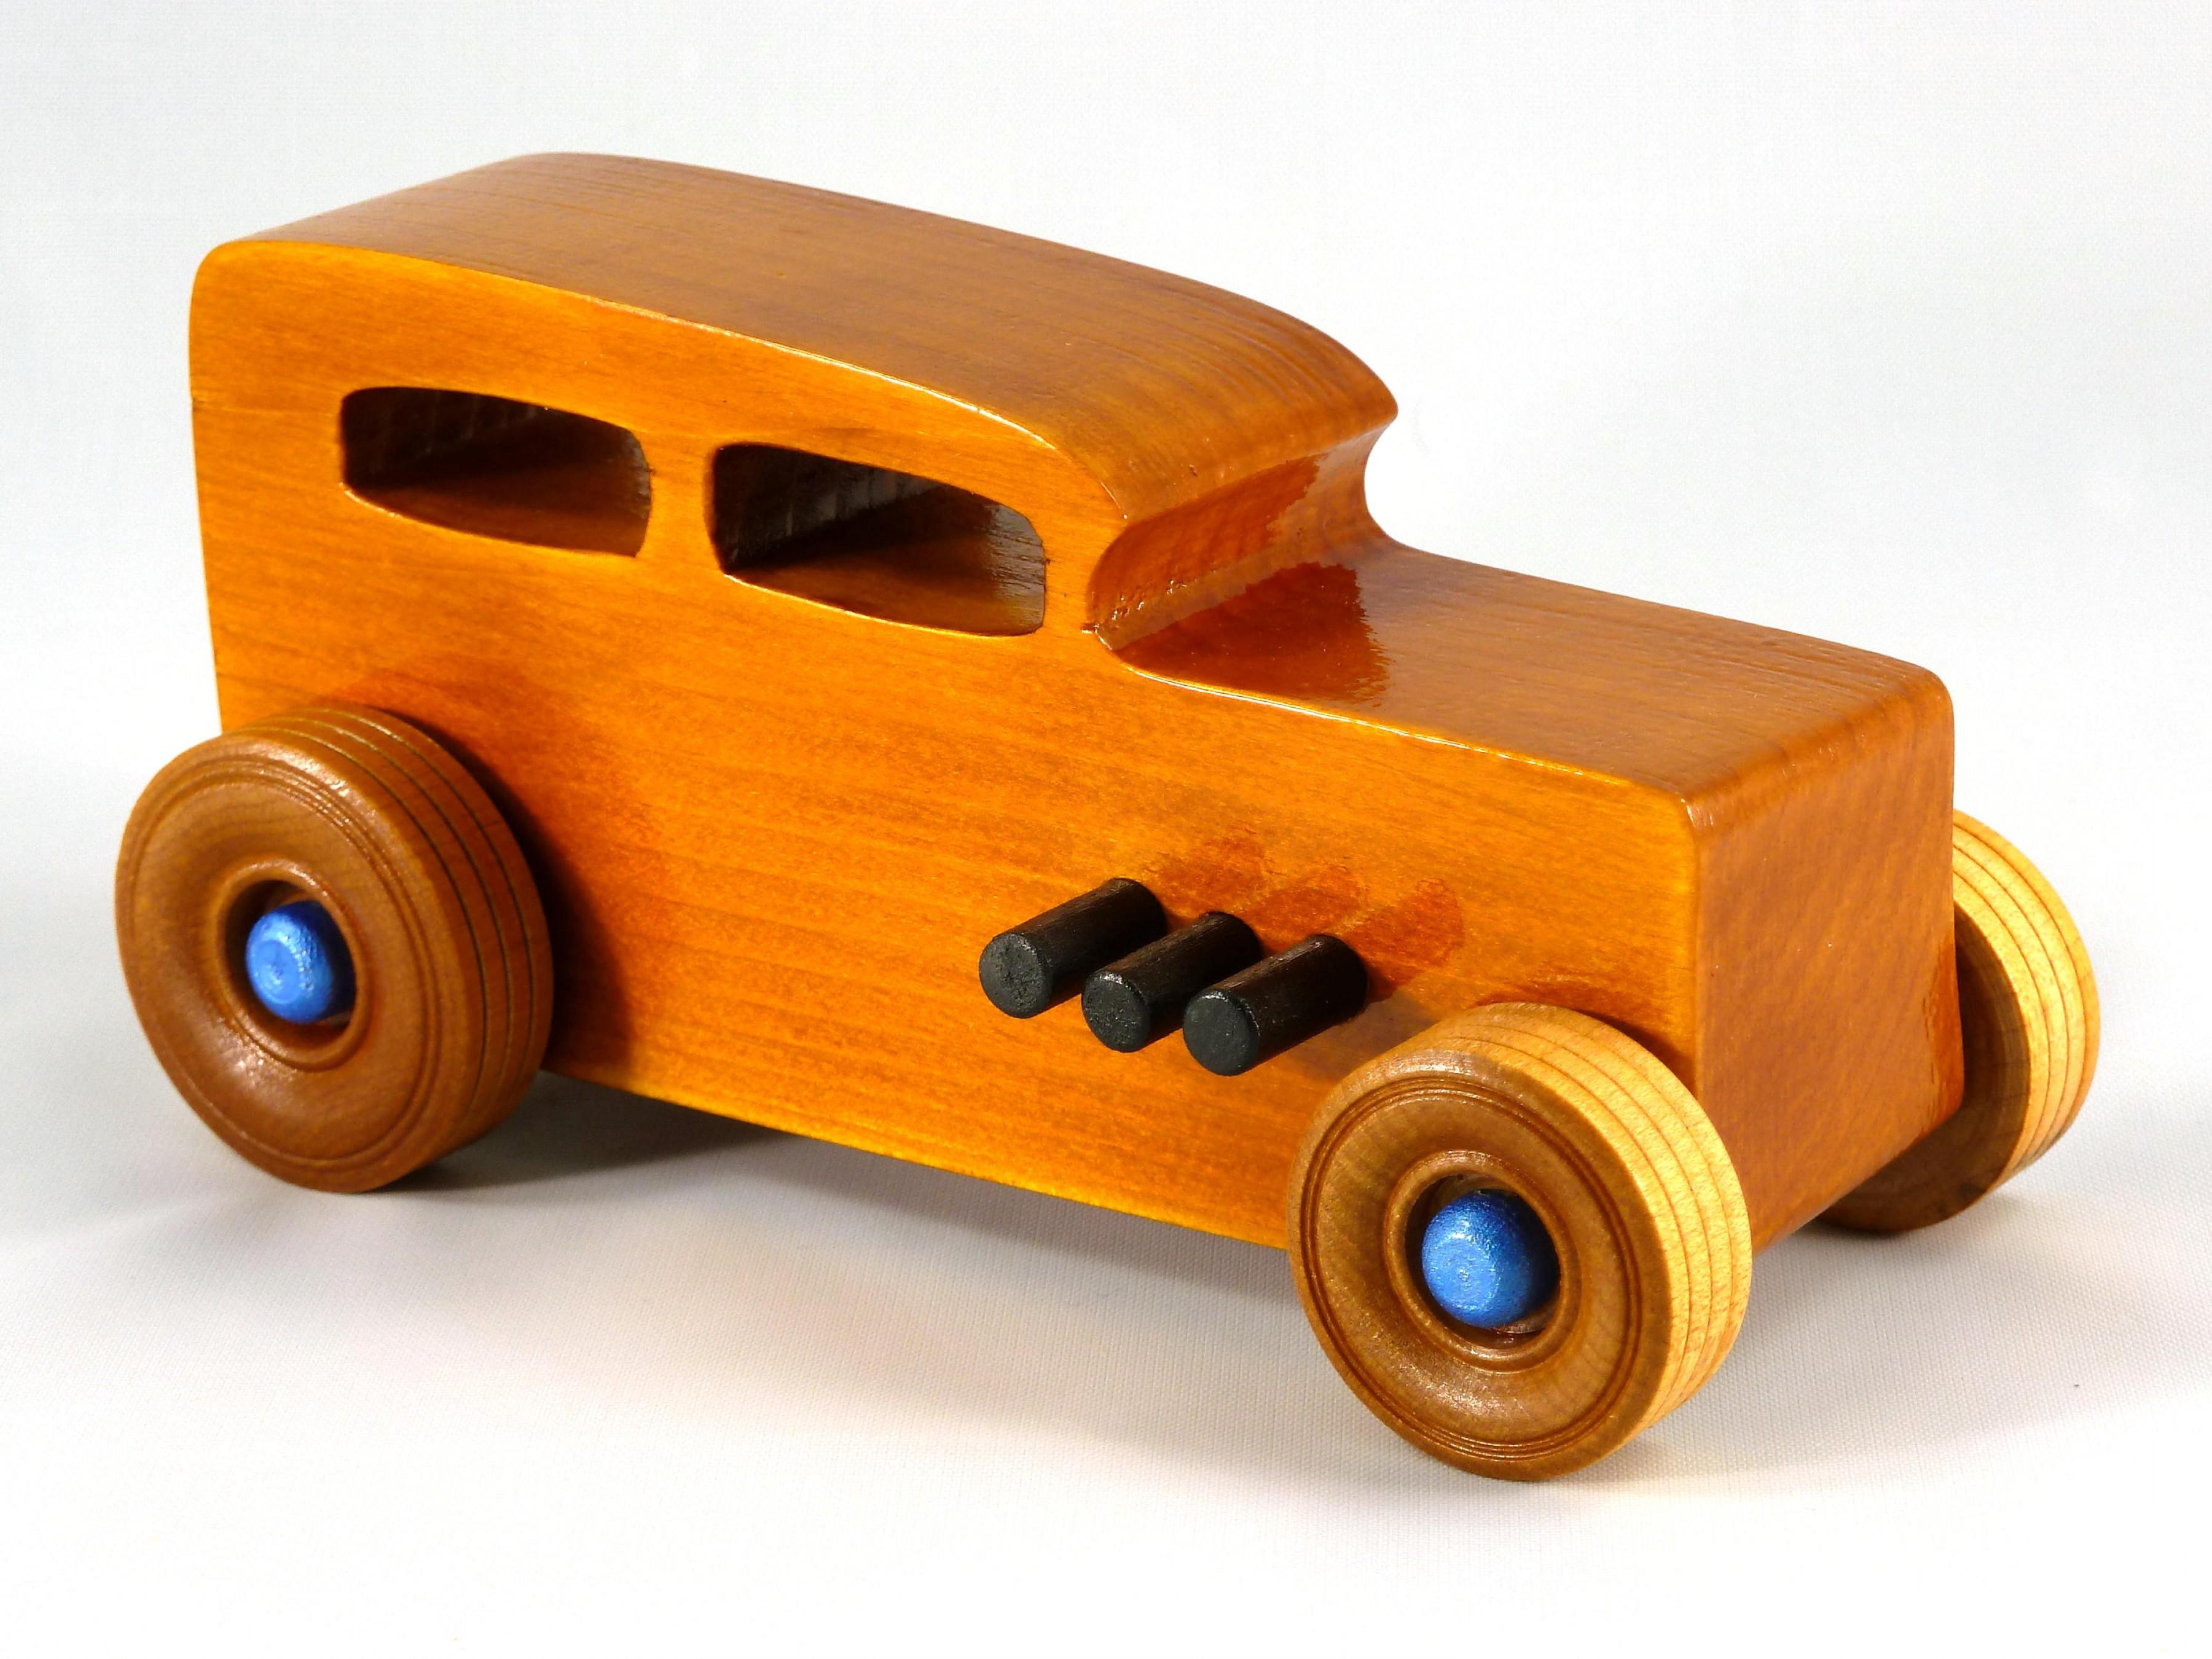 Mobil Mainan Kayu - Macam-Macam Mobil Mainan dan Tips yang Perlu Anda Perhatikan dalam Memilih Mobil Mainan Anak